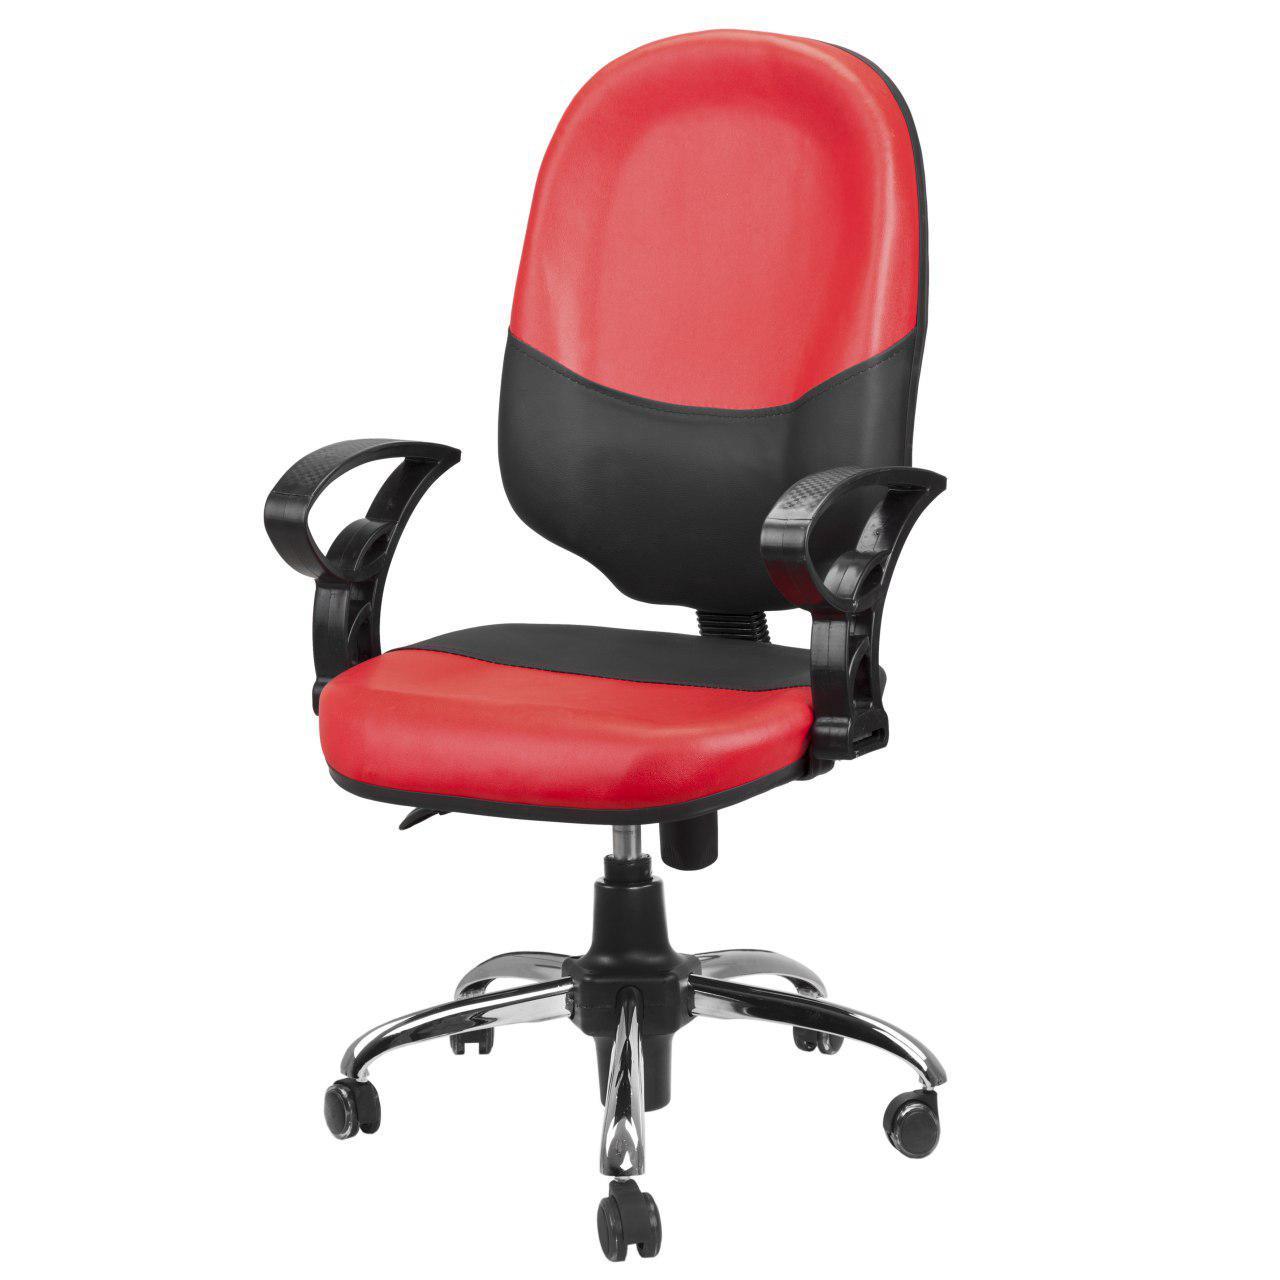 صندلی کامپیوتر 522